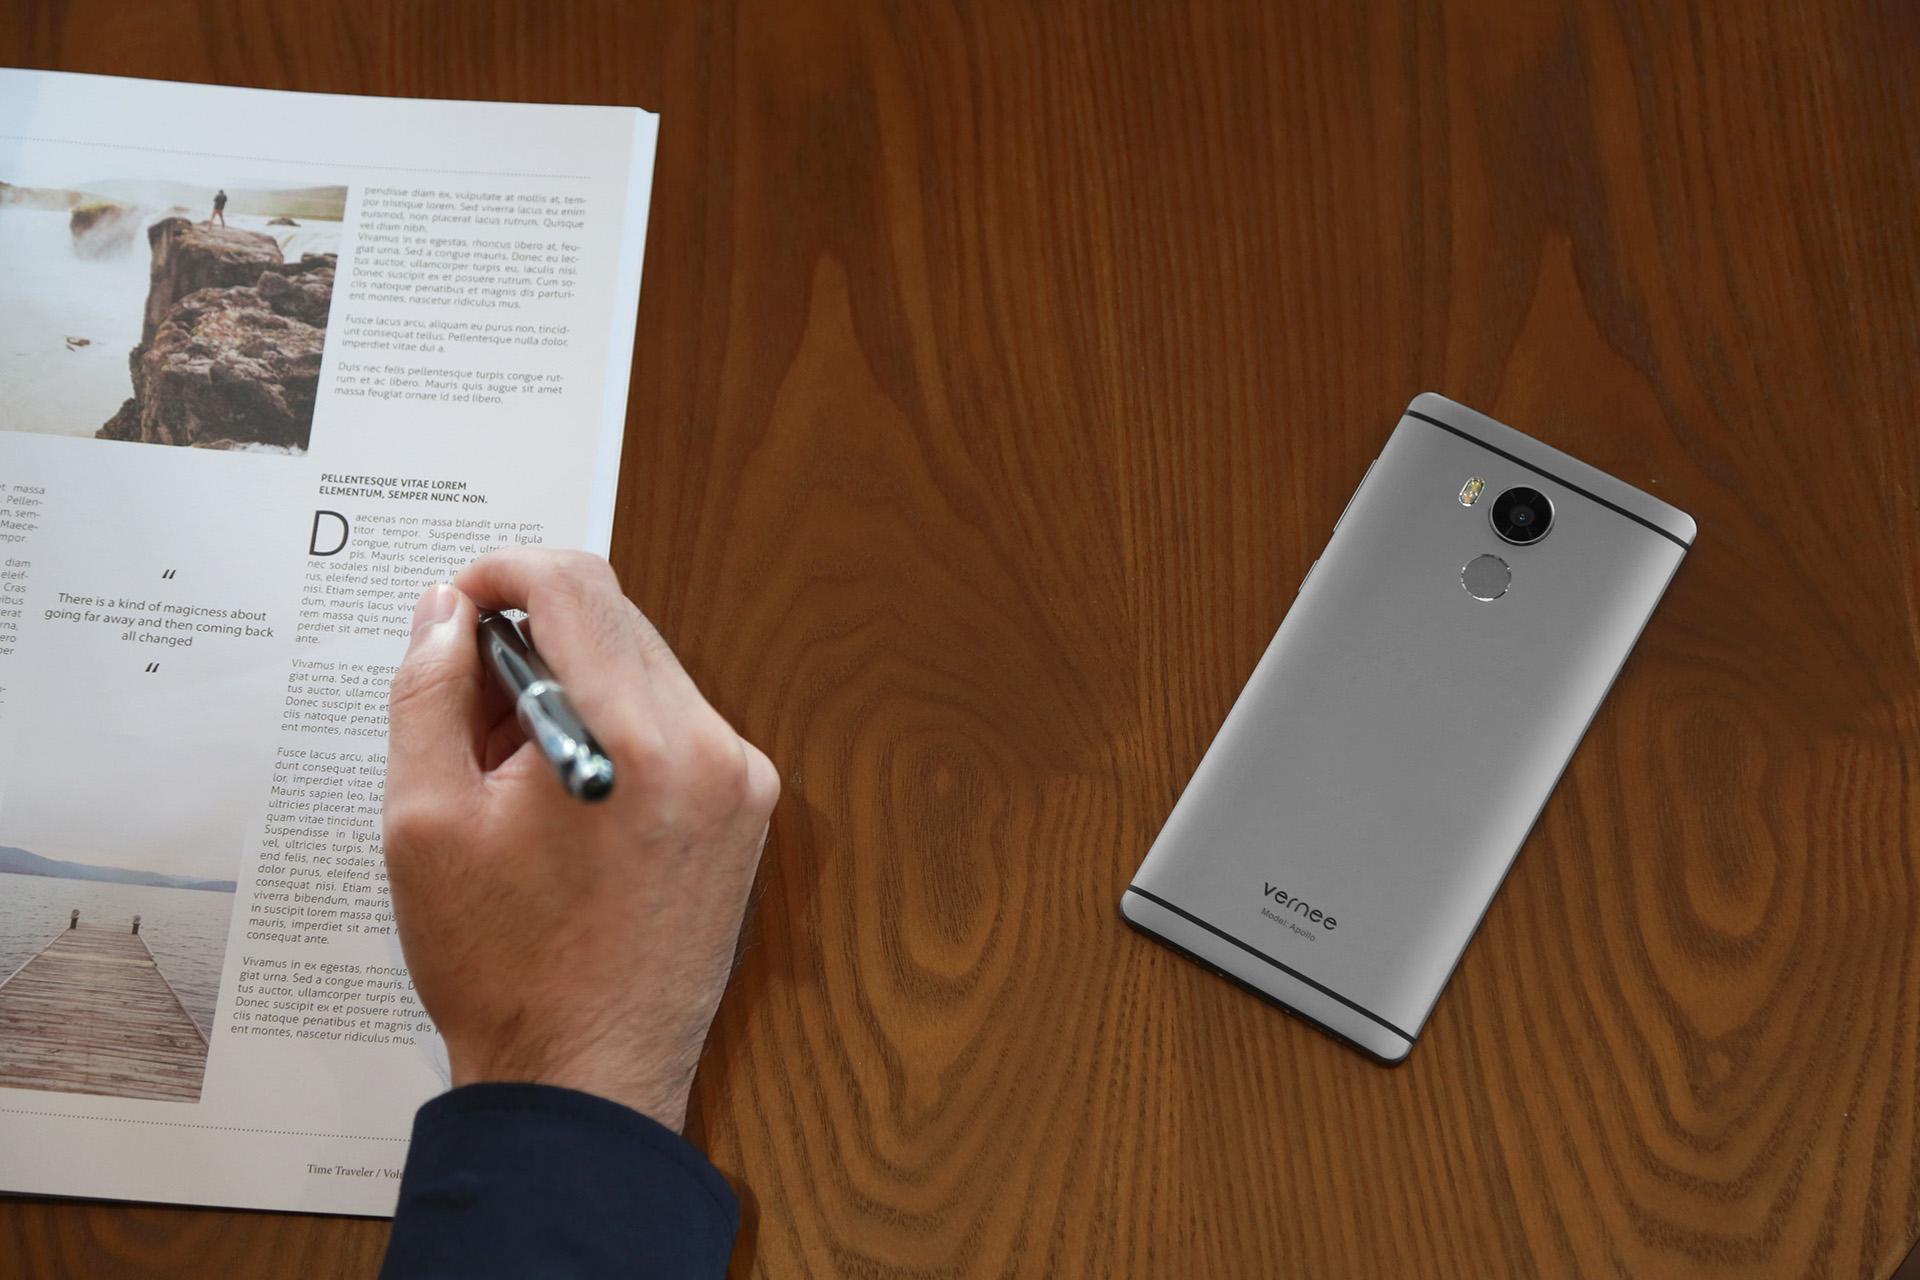 Je Vernee Apollo lepší volba než OnePlus 3T? [sponzorovaný článek]